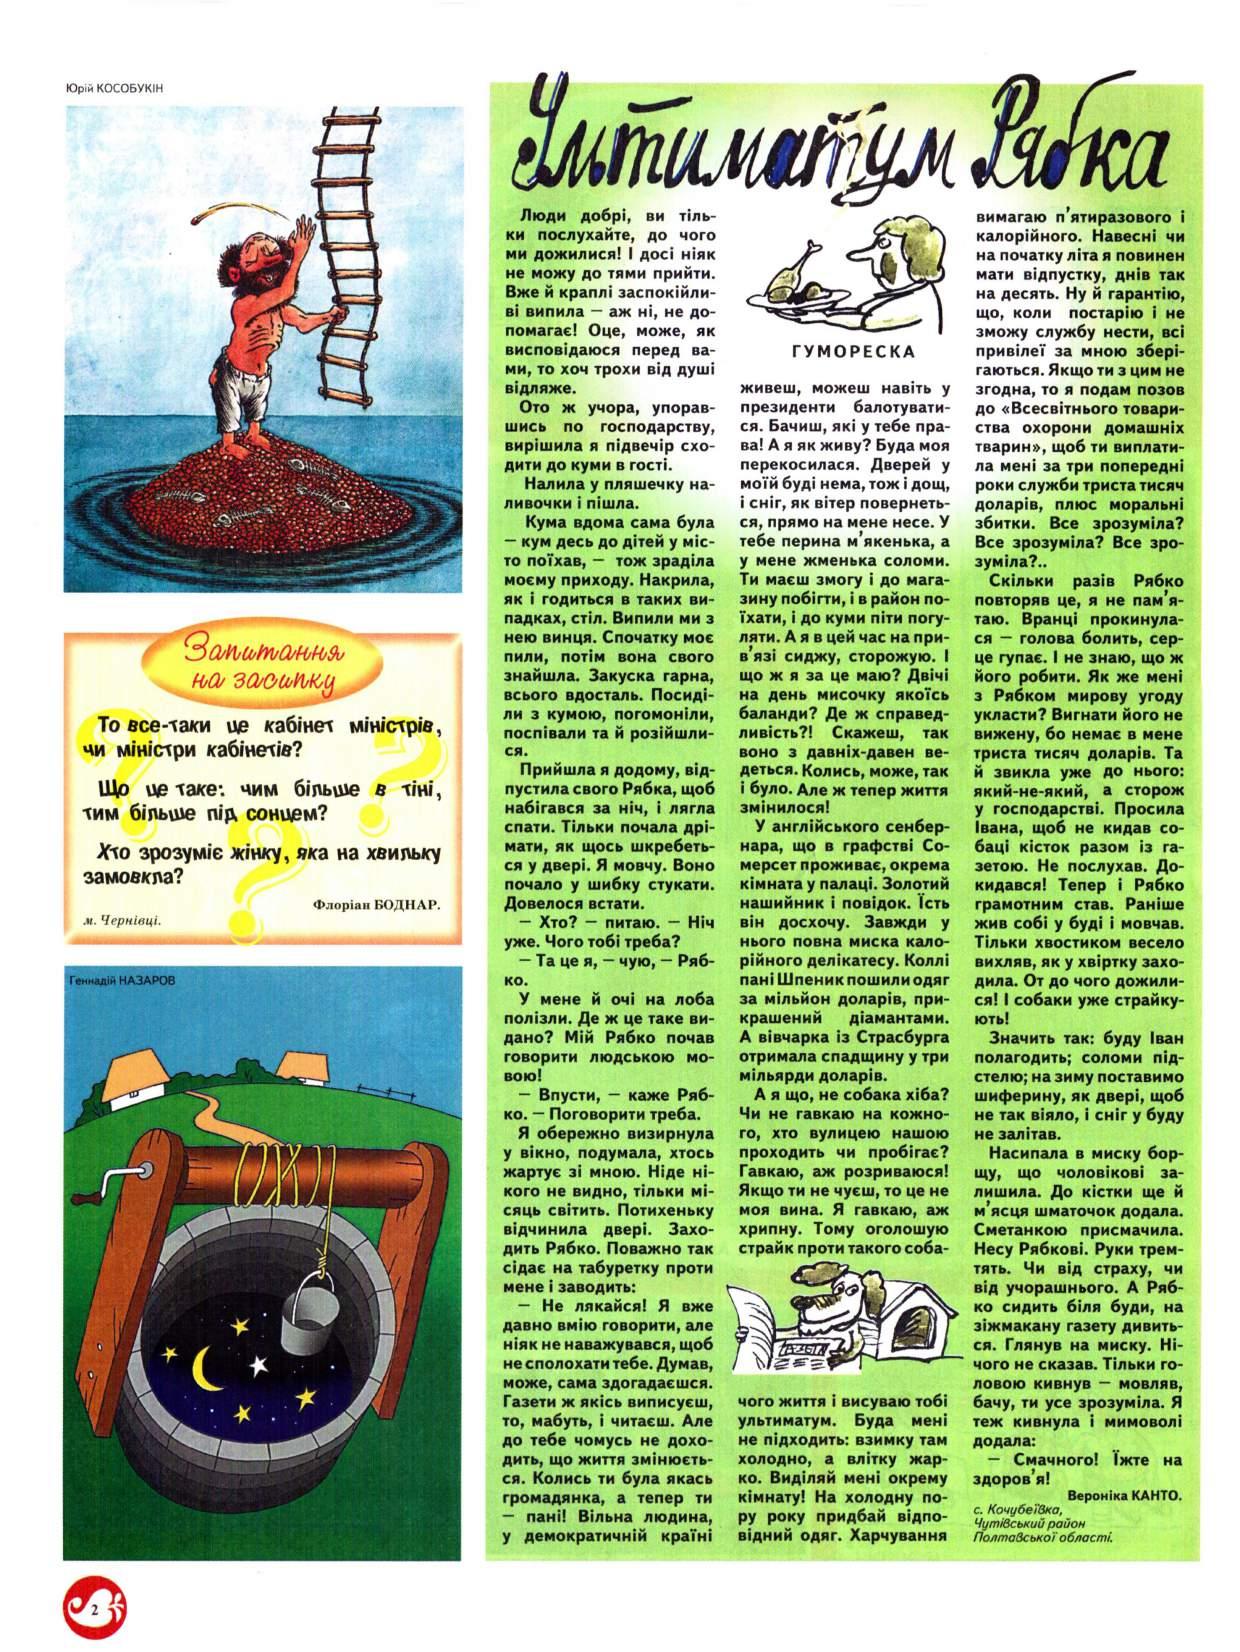 Журнал перець 2013 №07